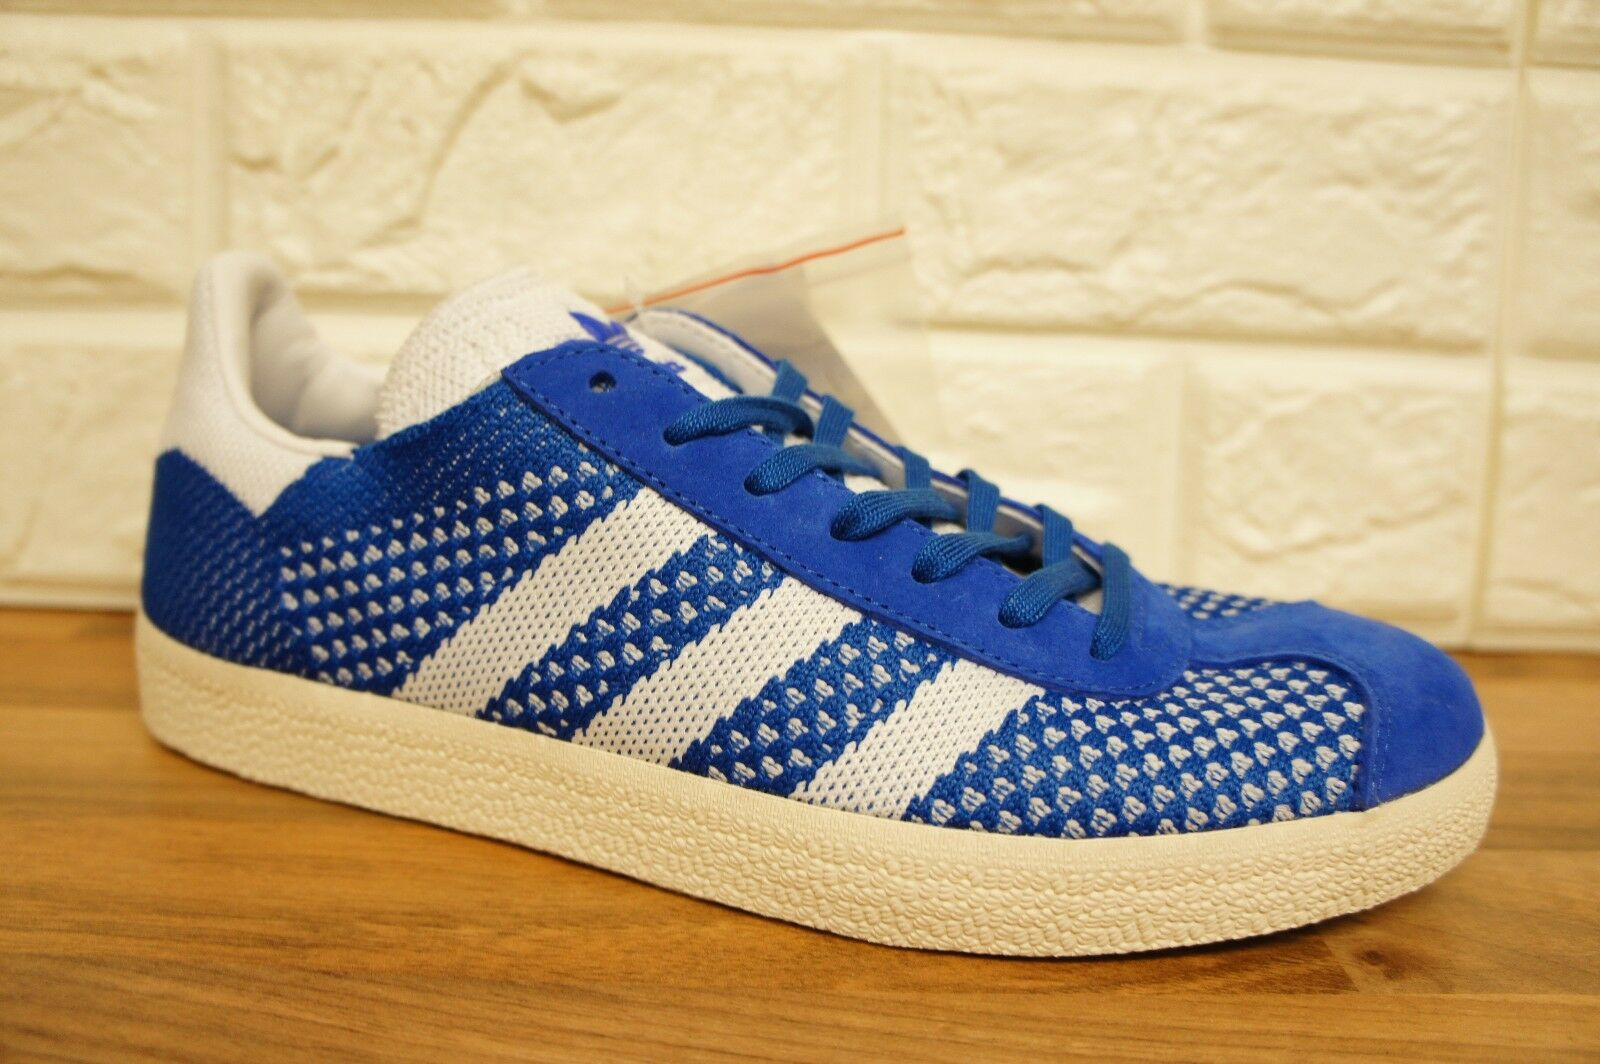 Adidas Gazelle Primeknit Talla 6.5 Reino Unido Para Hombre Zapatillas BNWB BB5246 Azul Y blancoa